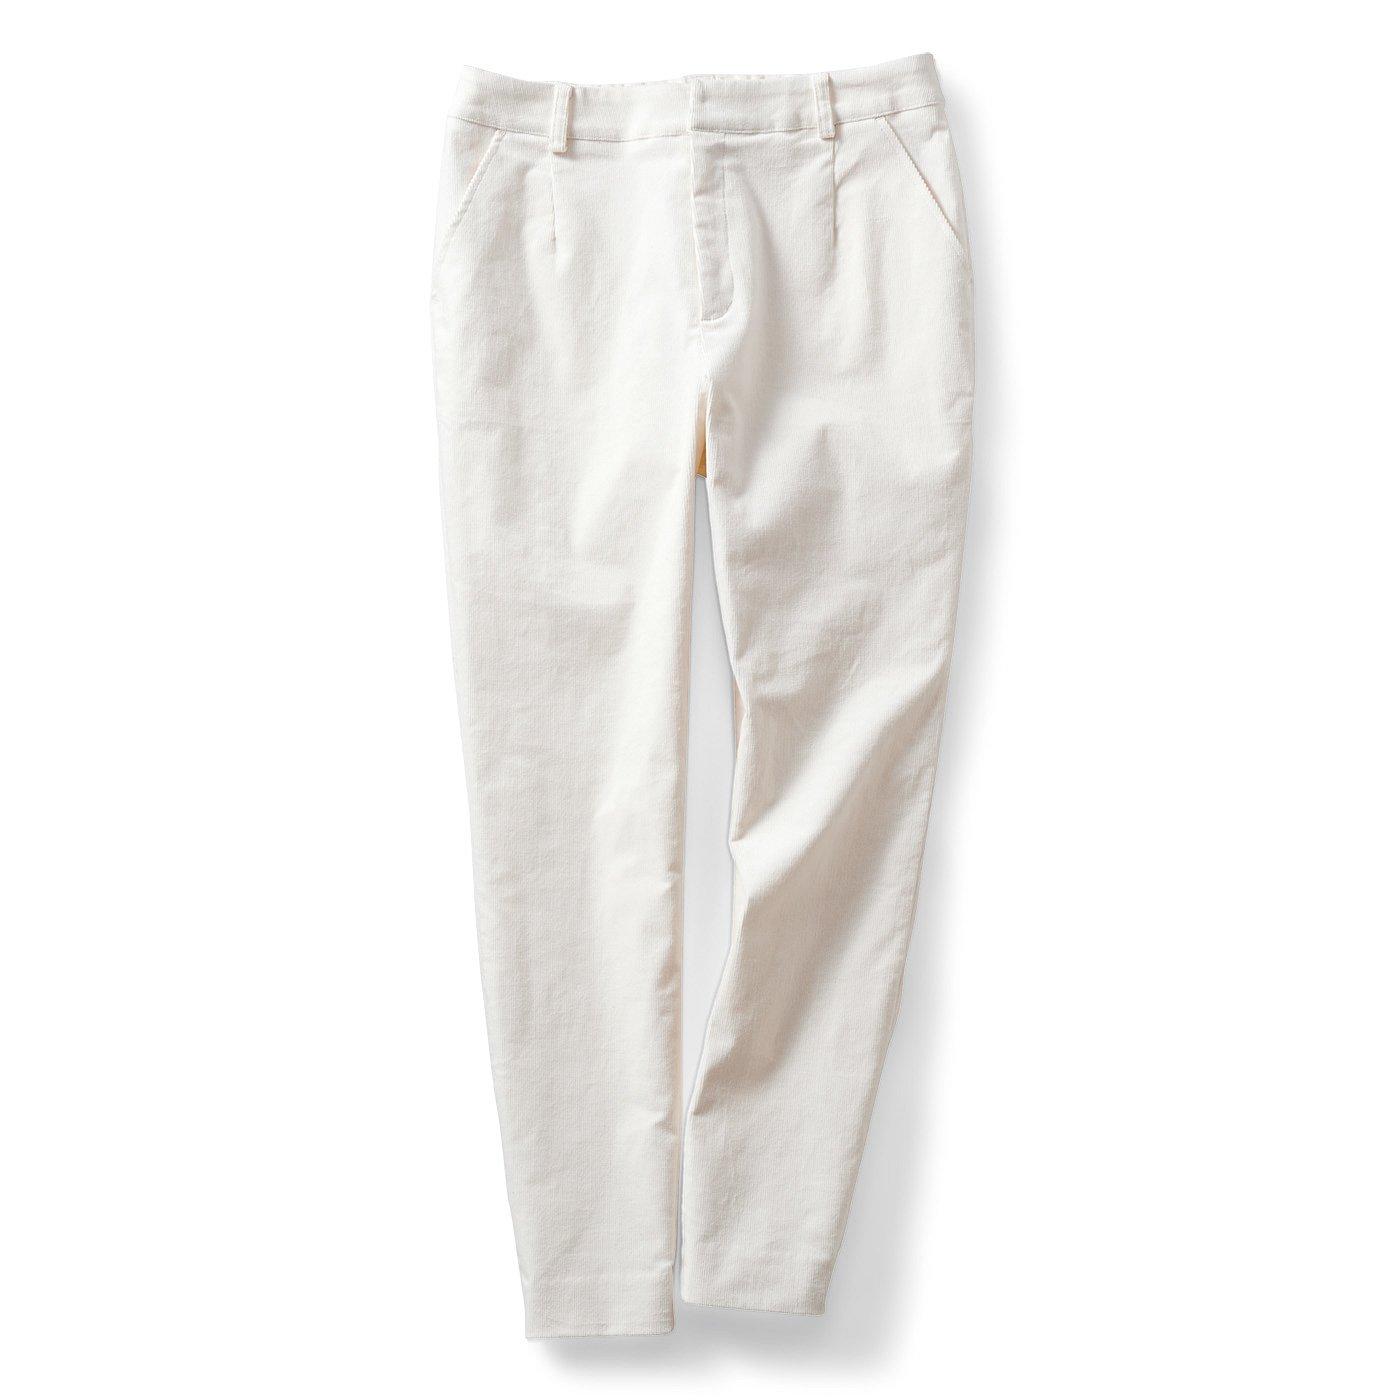 【3~10日でお届け】IEDIT[イディット] 細うねコーデュロイ クレッシェンドカット(R)パンツ〈ホワイト〉